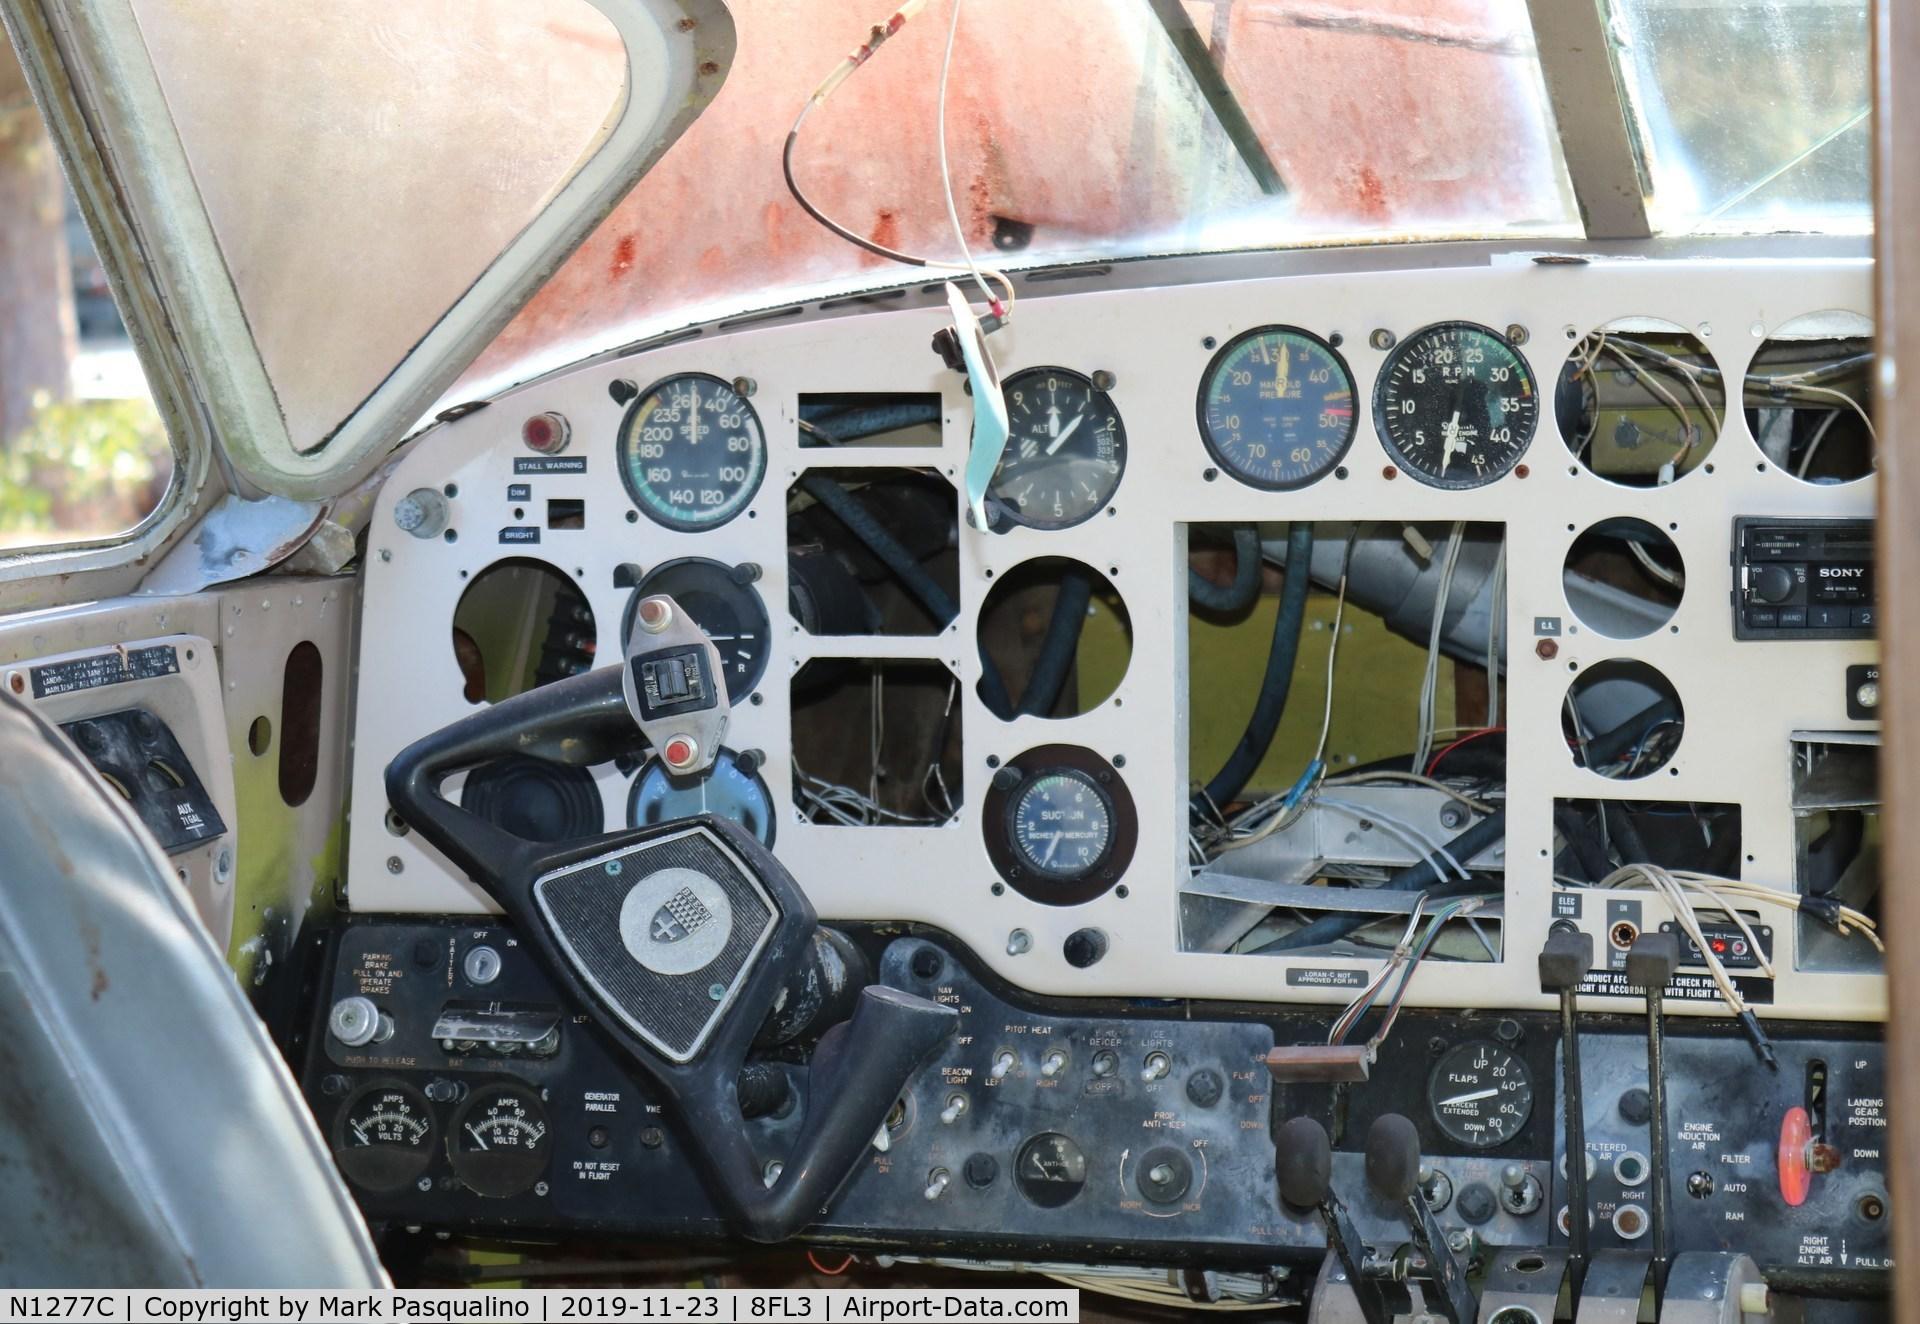 N1277C, 1961 Beech 65 C/N LC-114, Beech 65